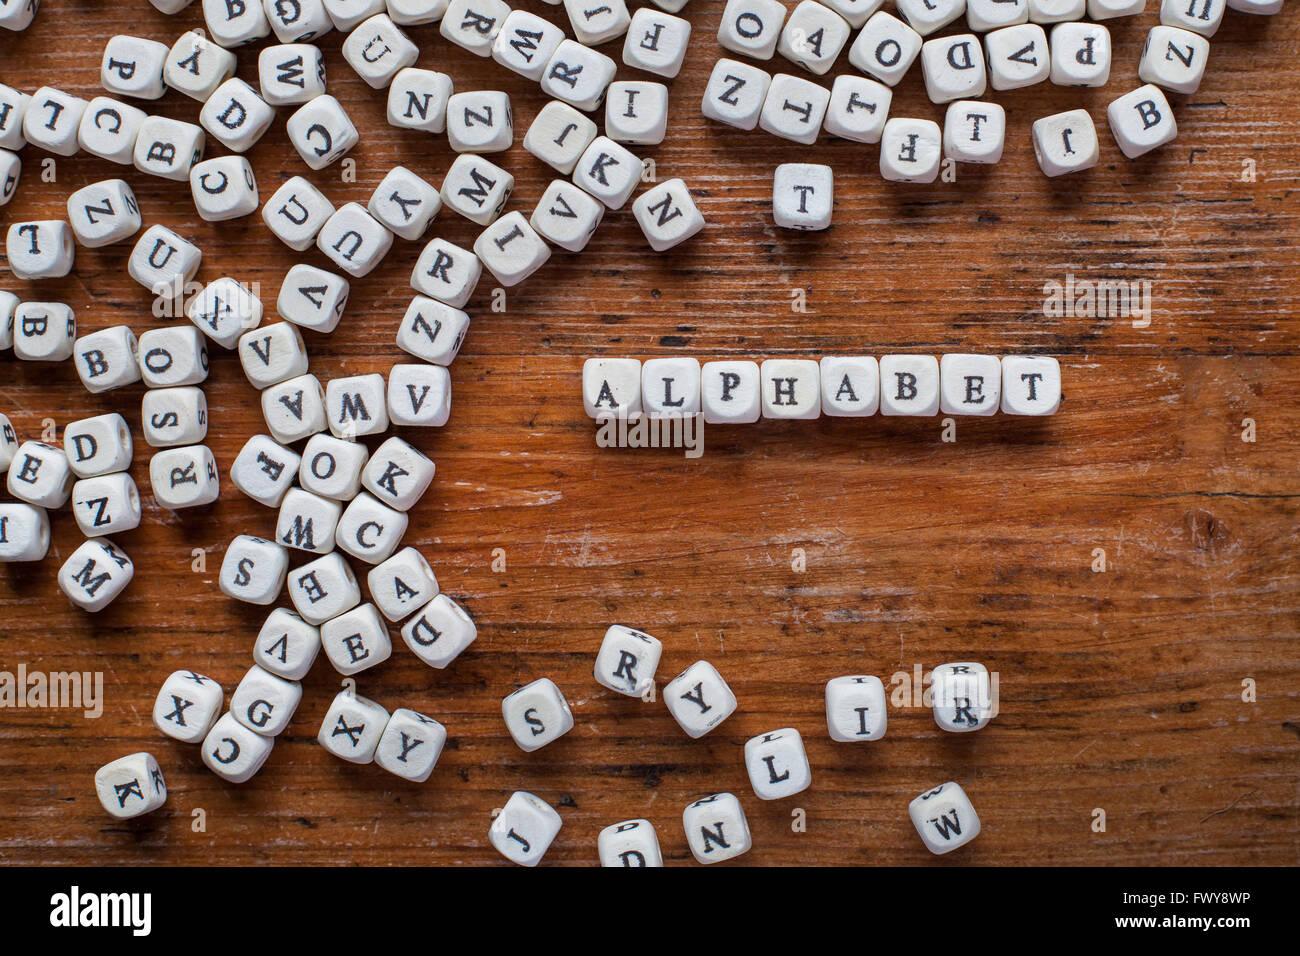 Concepto del alfabeto, la palabra escrita con letras de madera blanca, texto en inglés sobre fondo oscuro, abc Foto de stock